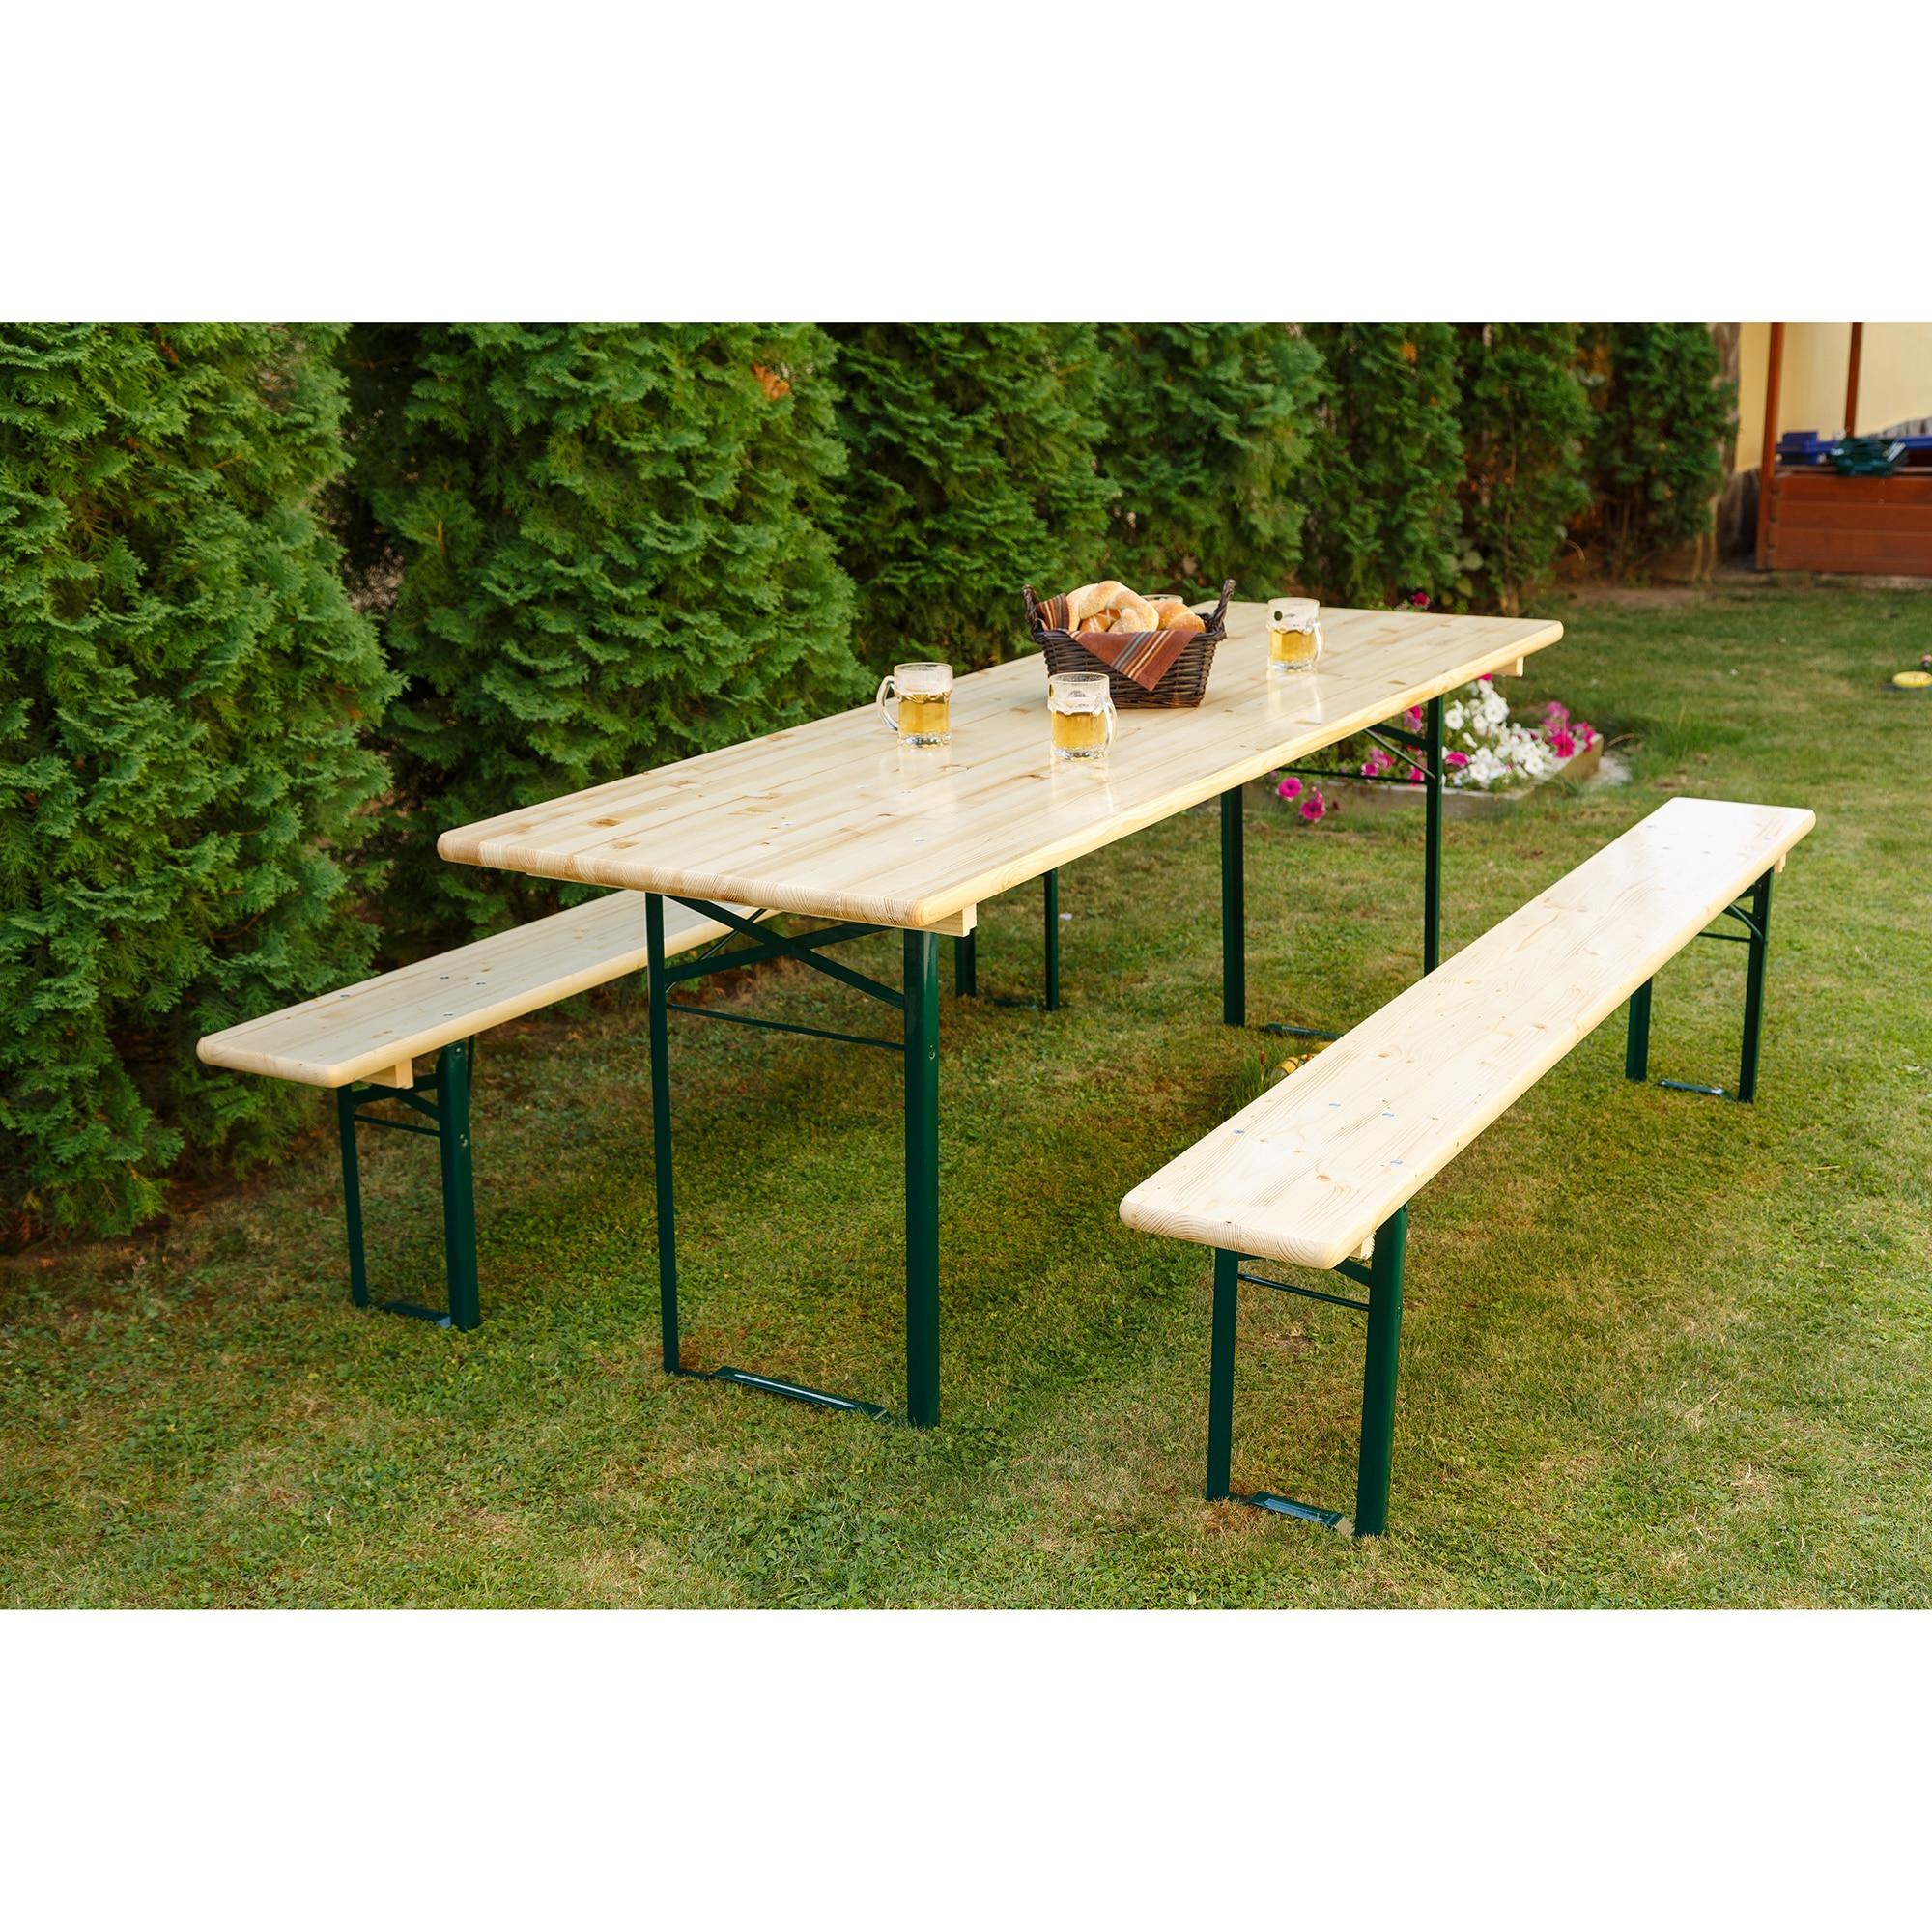 Fotografie Set mobilier gradina/berarie lemn natur, masa 70x220 cm, 2 banci 25x220 cm